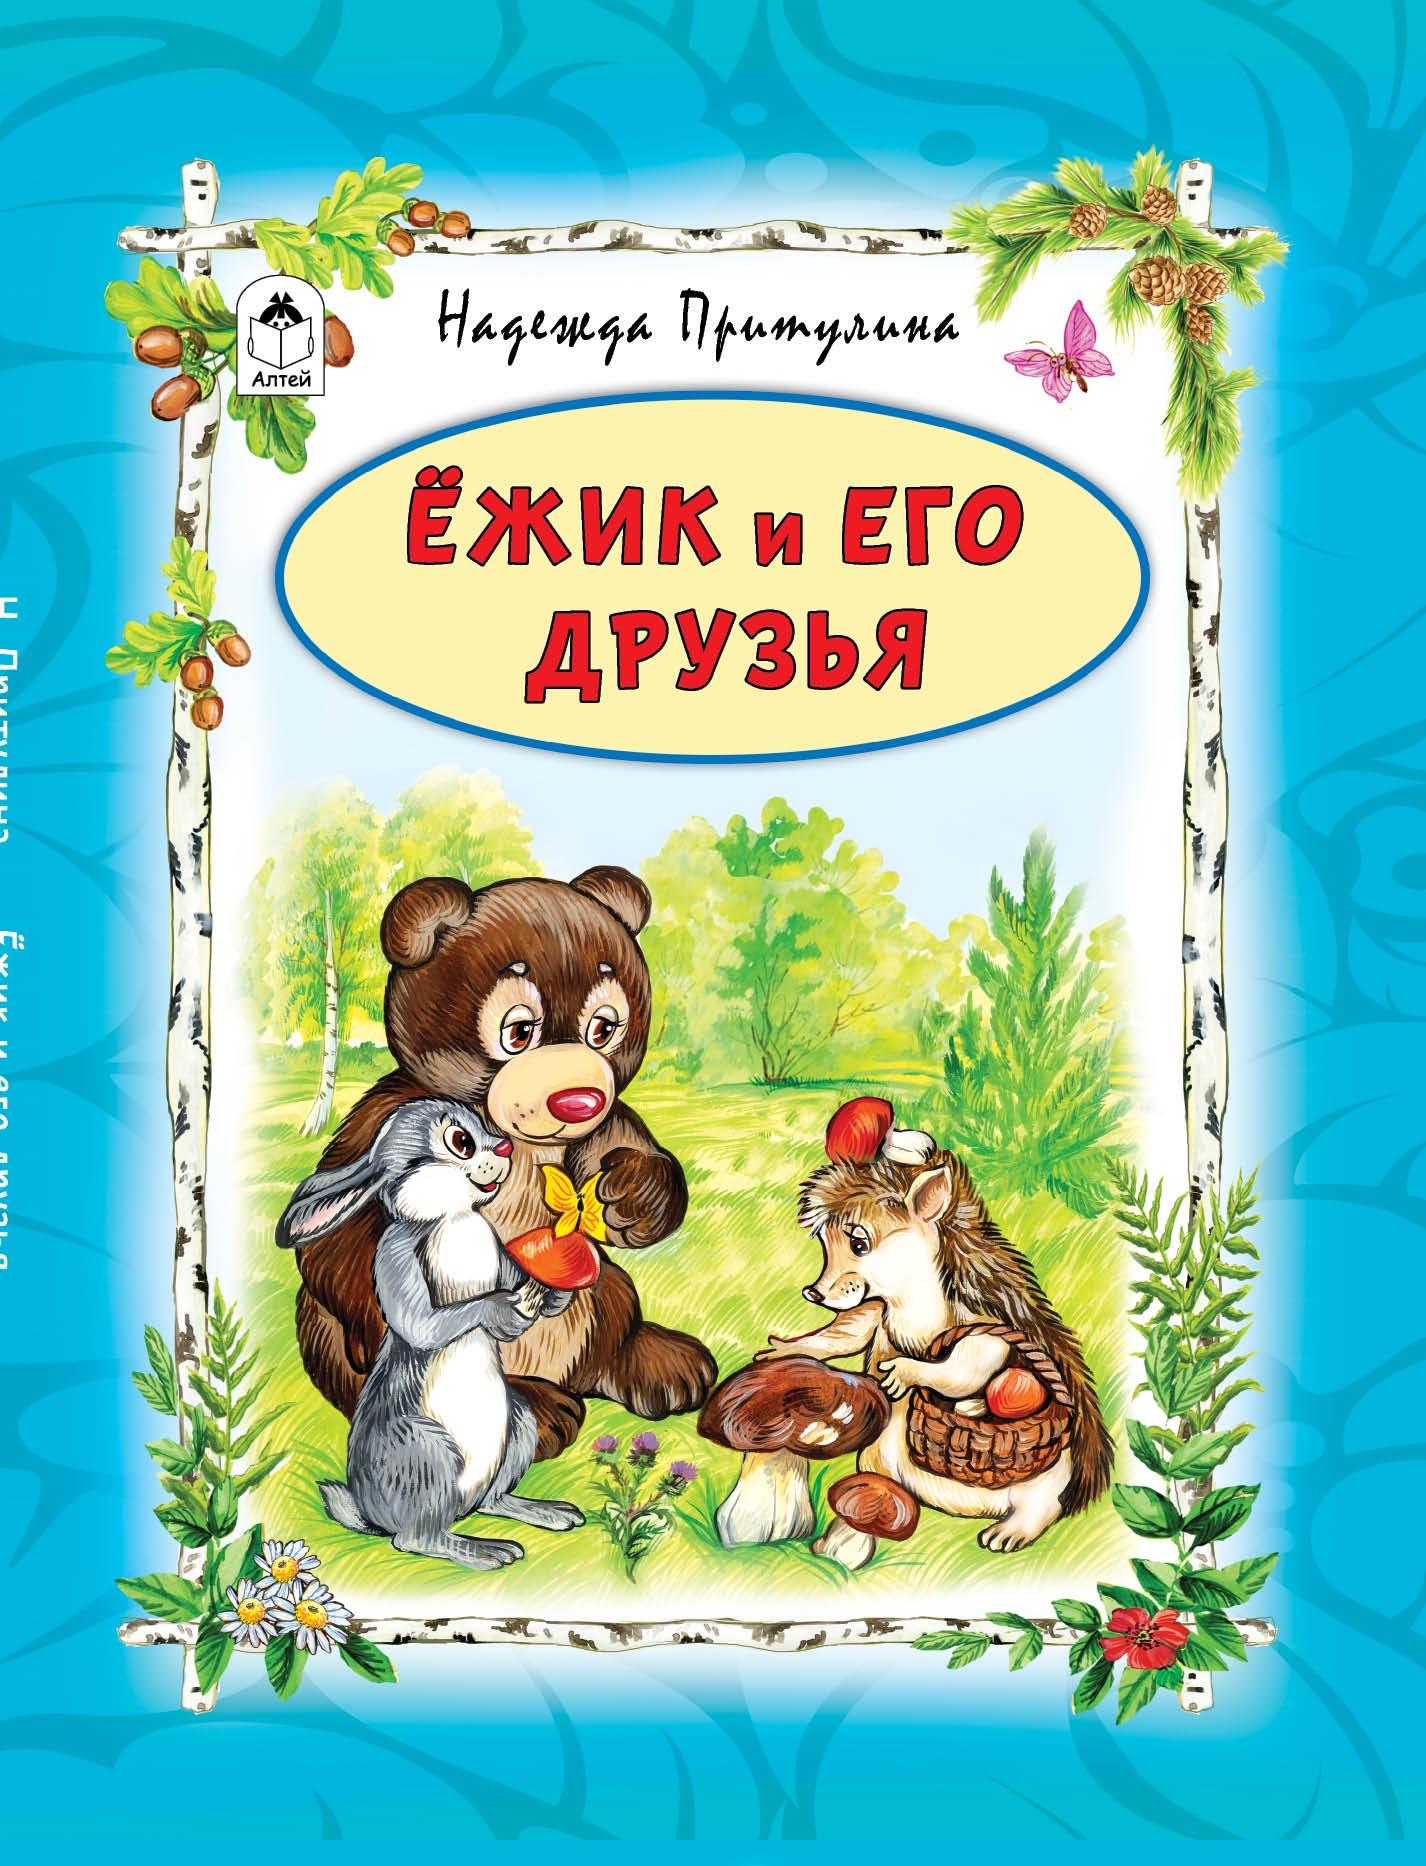 Ёжик и его друзья. Н.Притулина (64стр.)